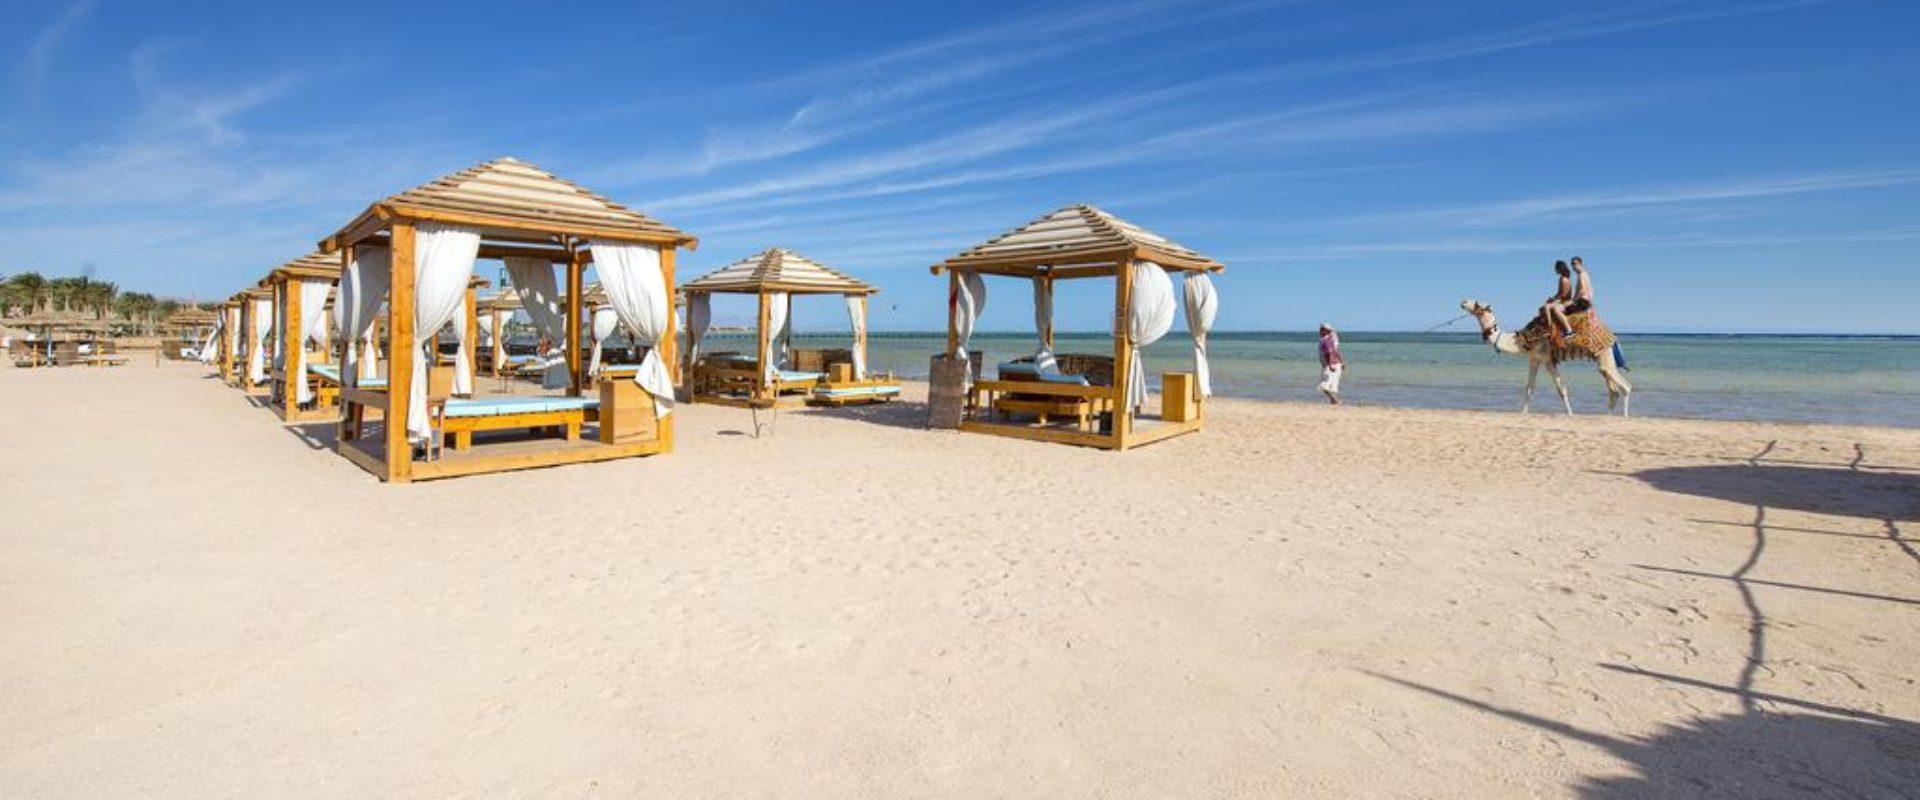 Египет, Шарм-эль-Шейх, Amwaj Oyoun Resort & Spa